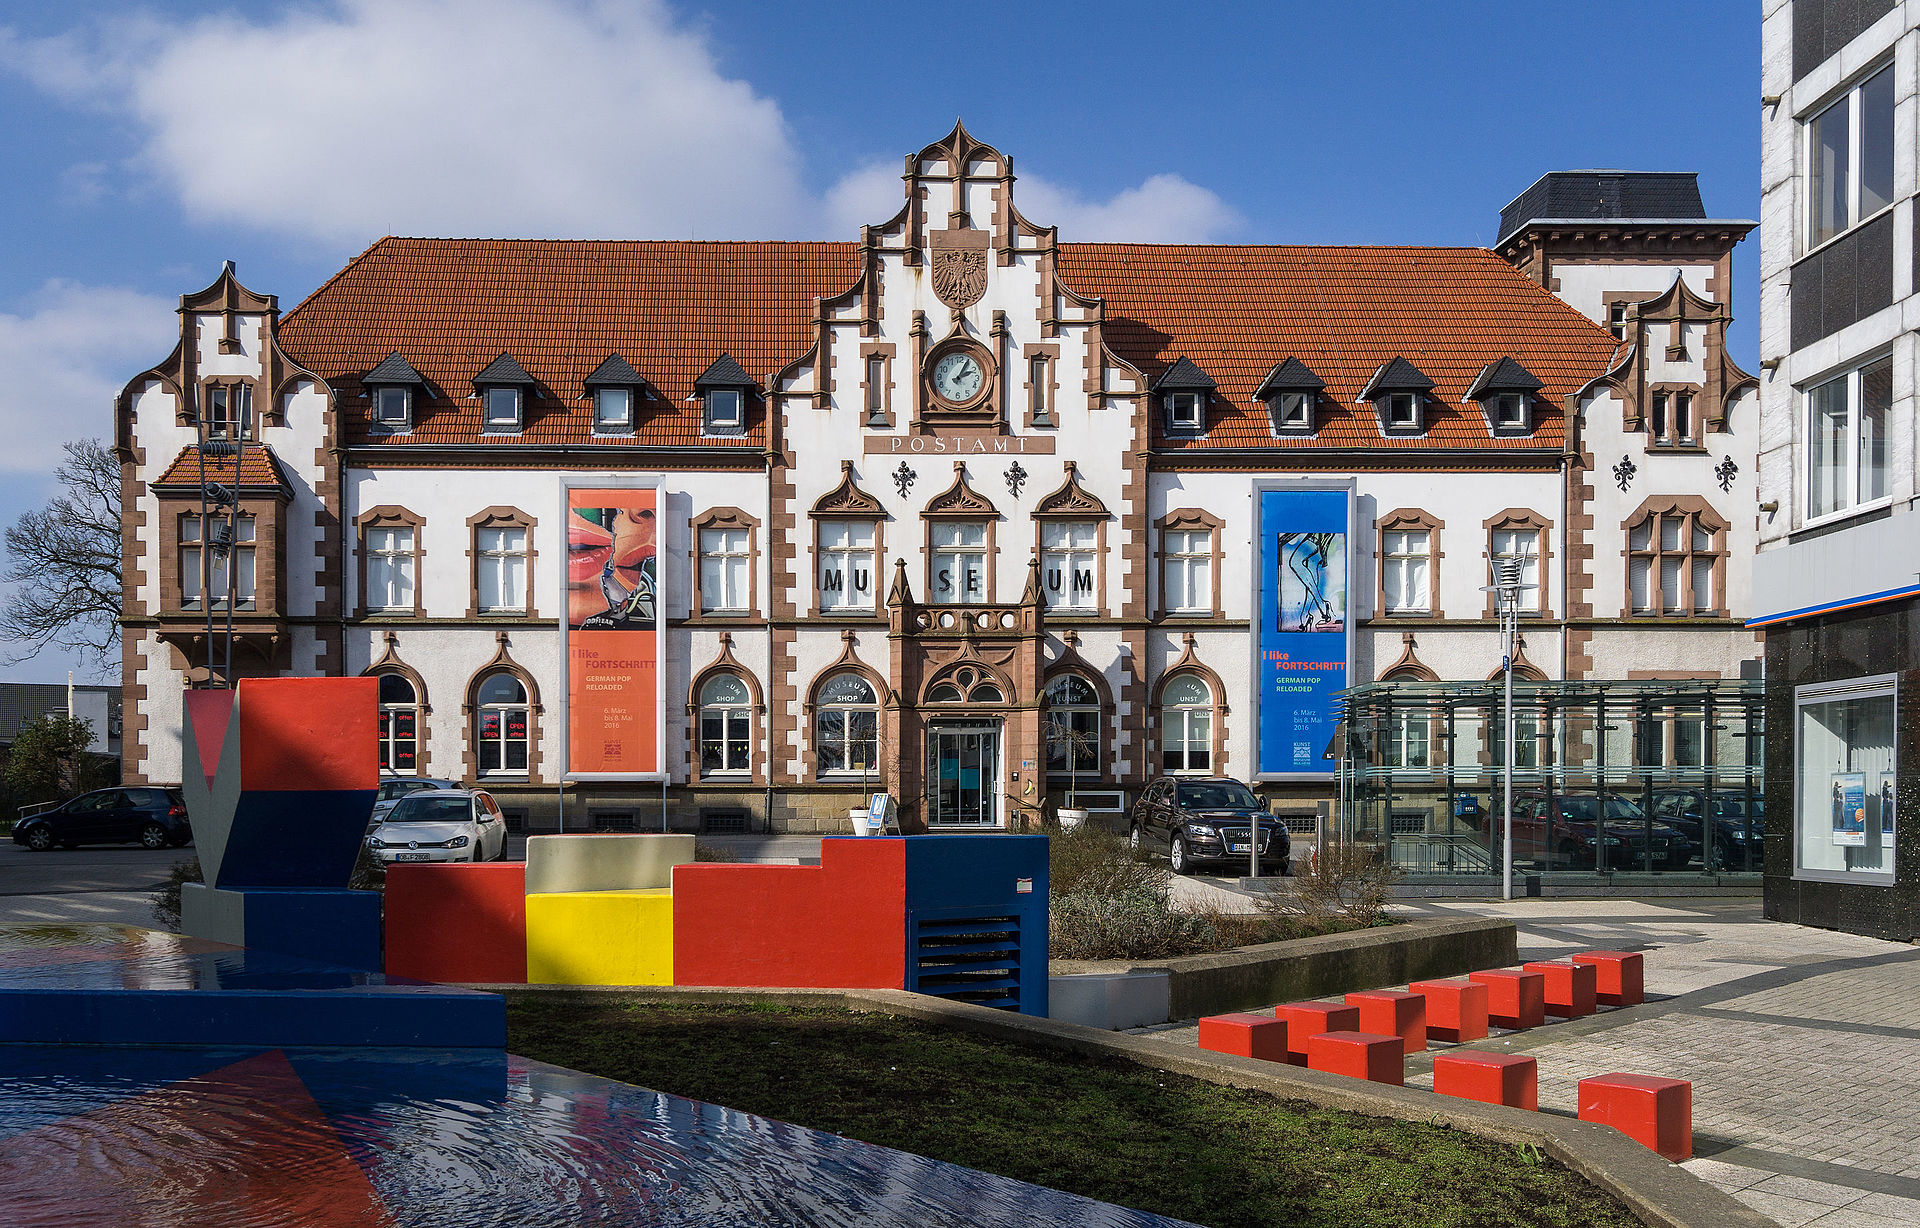 Bild Kunstmuseum in der Alten Post Mülheim an der Ruhr